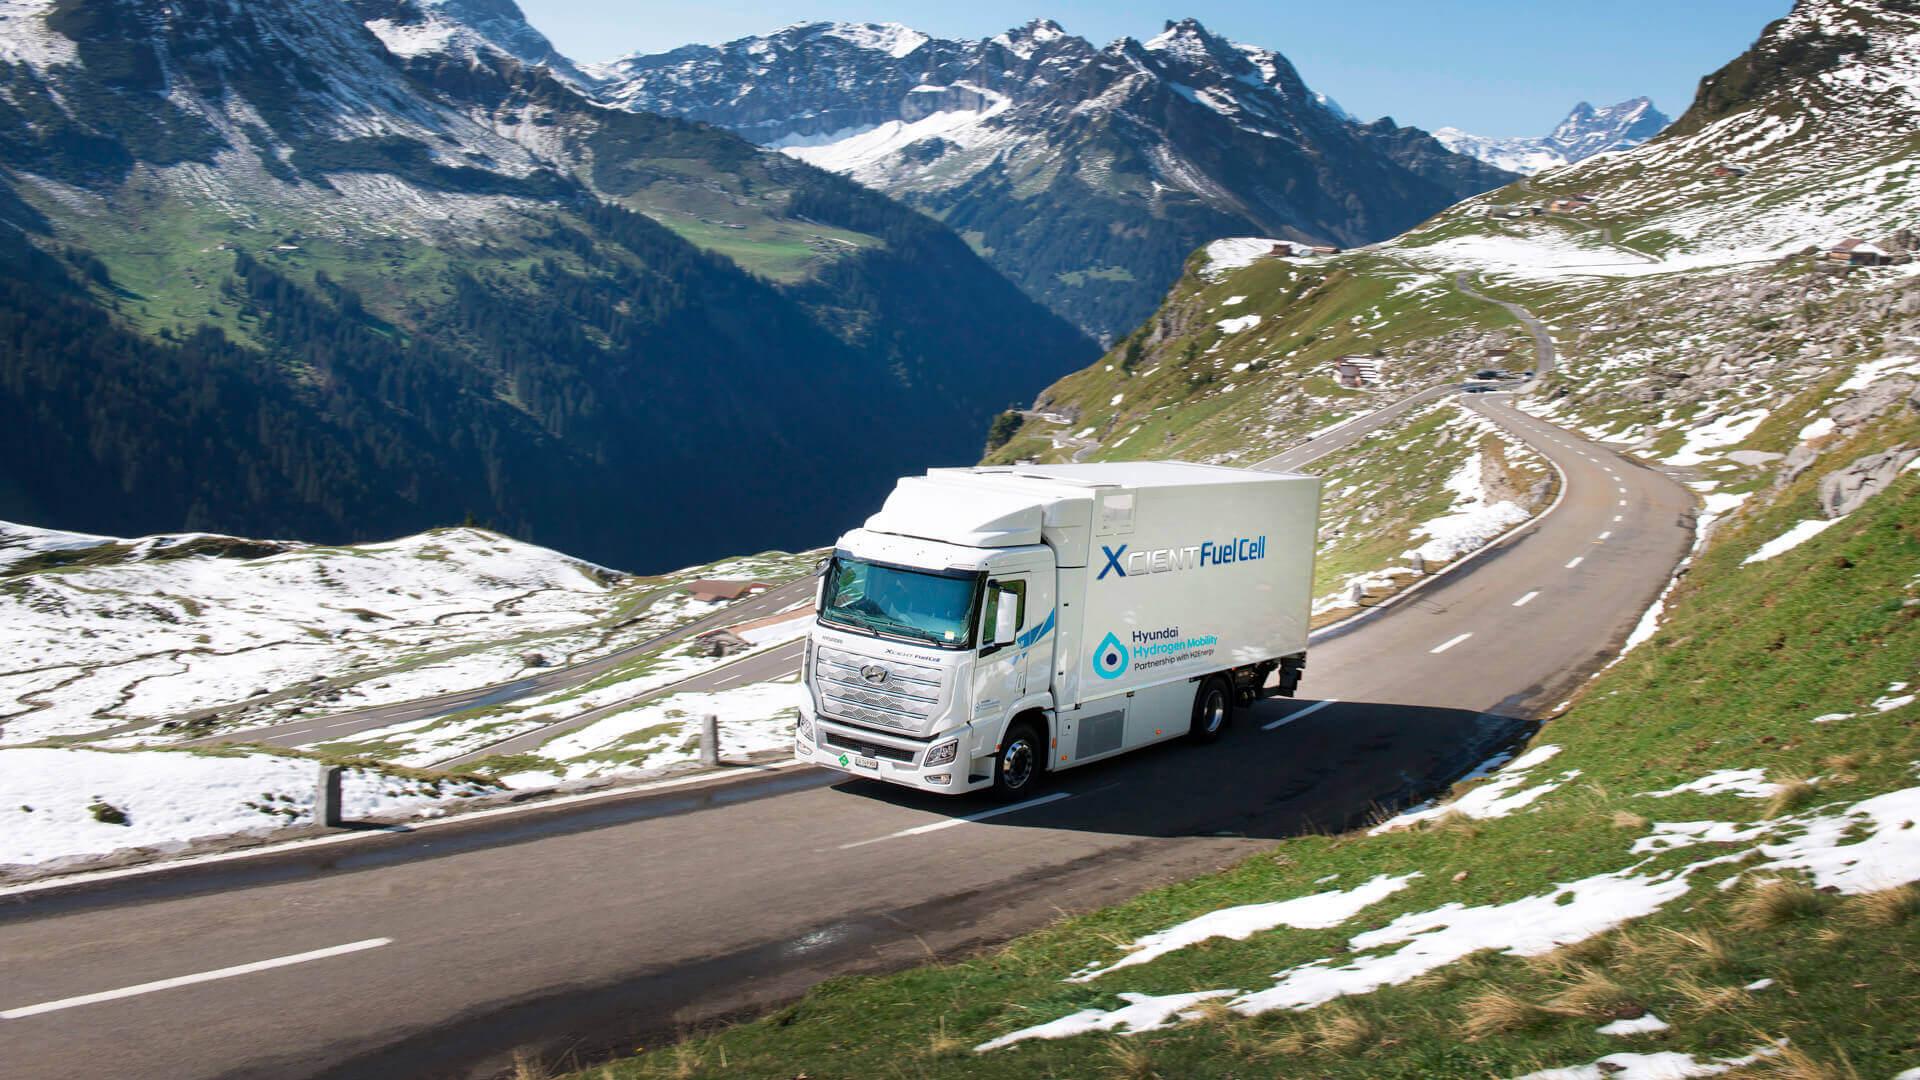 Водородный грузовик Hyundai XCIENT Fuel Cell